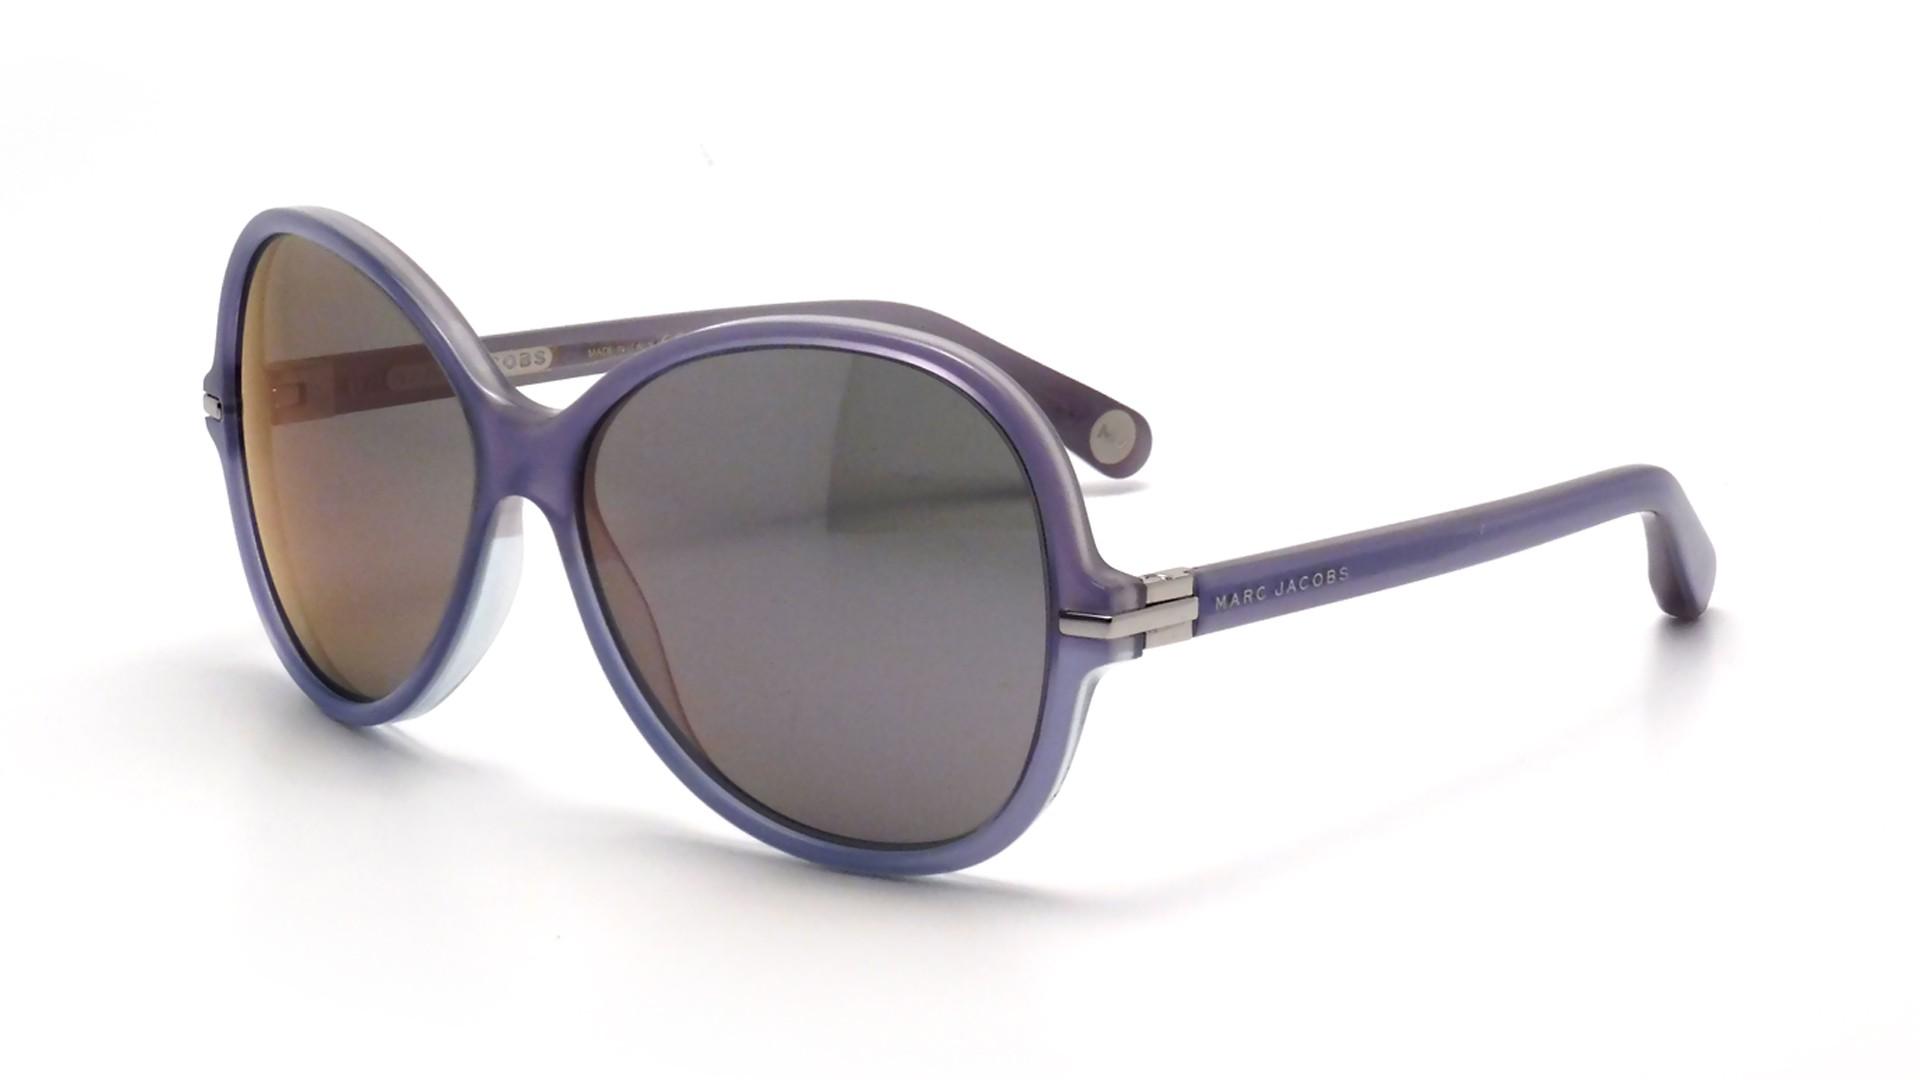 a97cc84c597820 Marc Jacobs MJ503 S 8NO IH 60-14 Bleu   Prix 30,00 €   Visiofactory